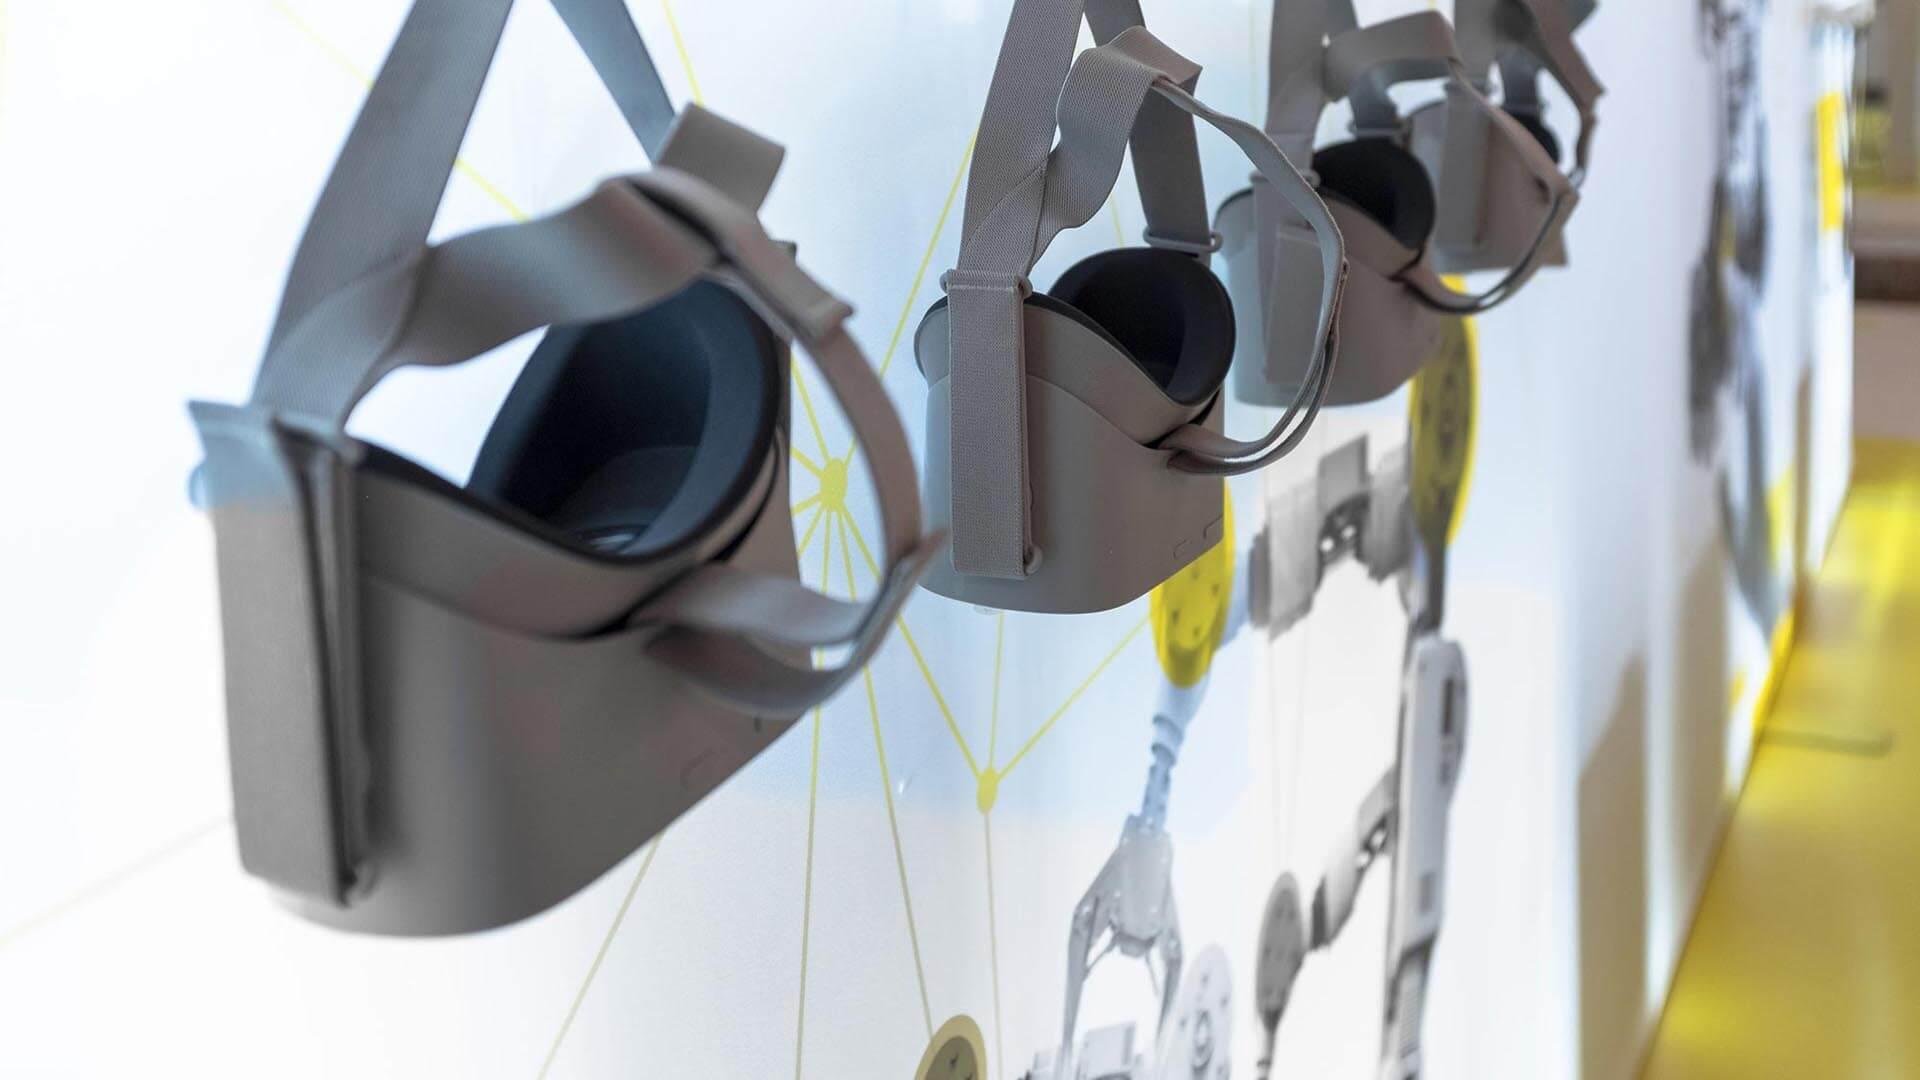 Interaktive Virtual-Reality-Apps haben wir gemeinsam mit unseren Kollegen von b.ReX konzipiert.